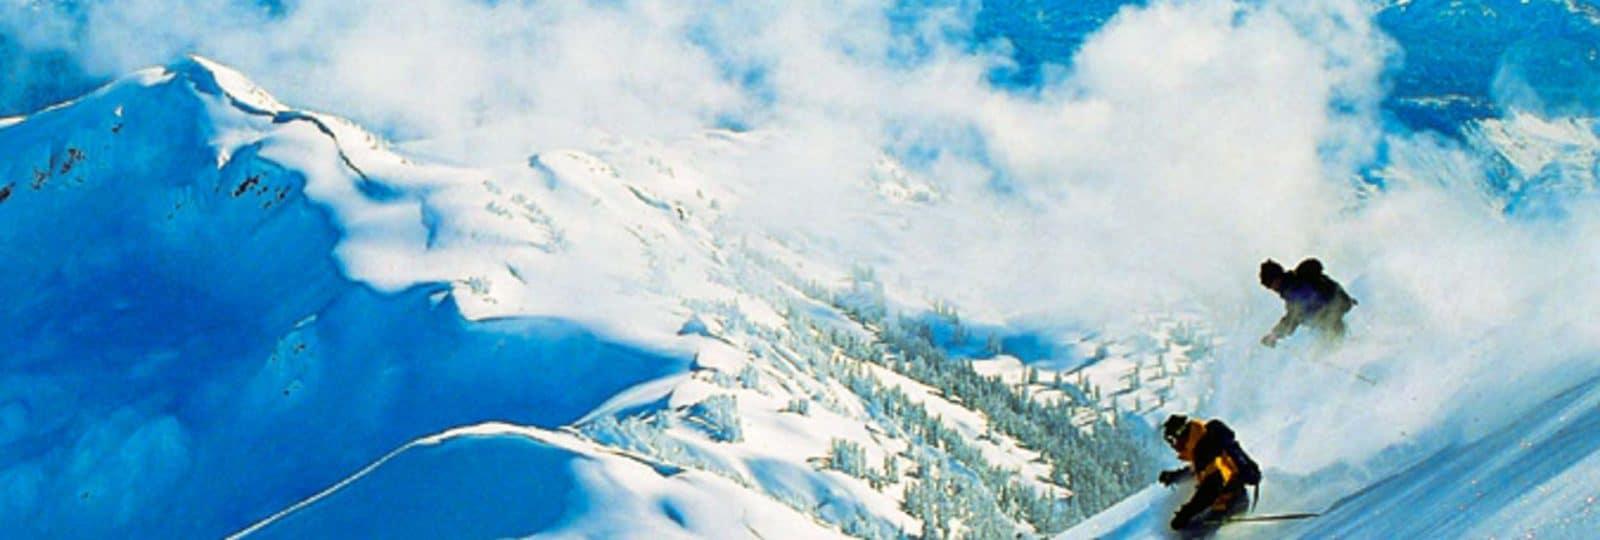 Whistler und Blackcomb – zwei grandiose Skigebiete